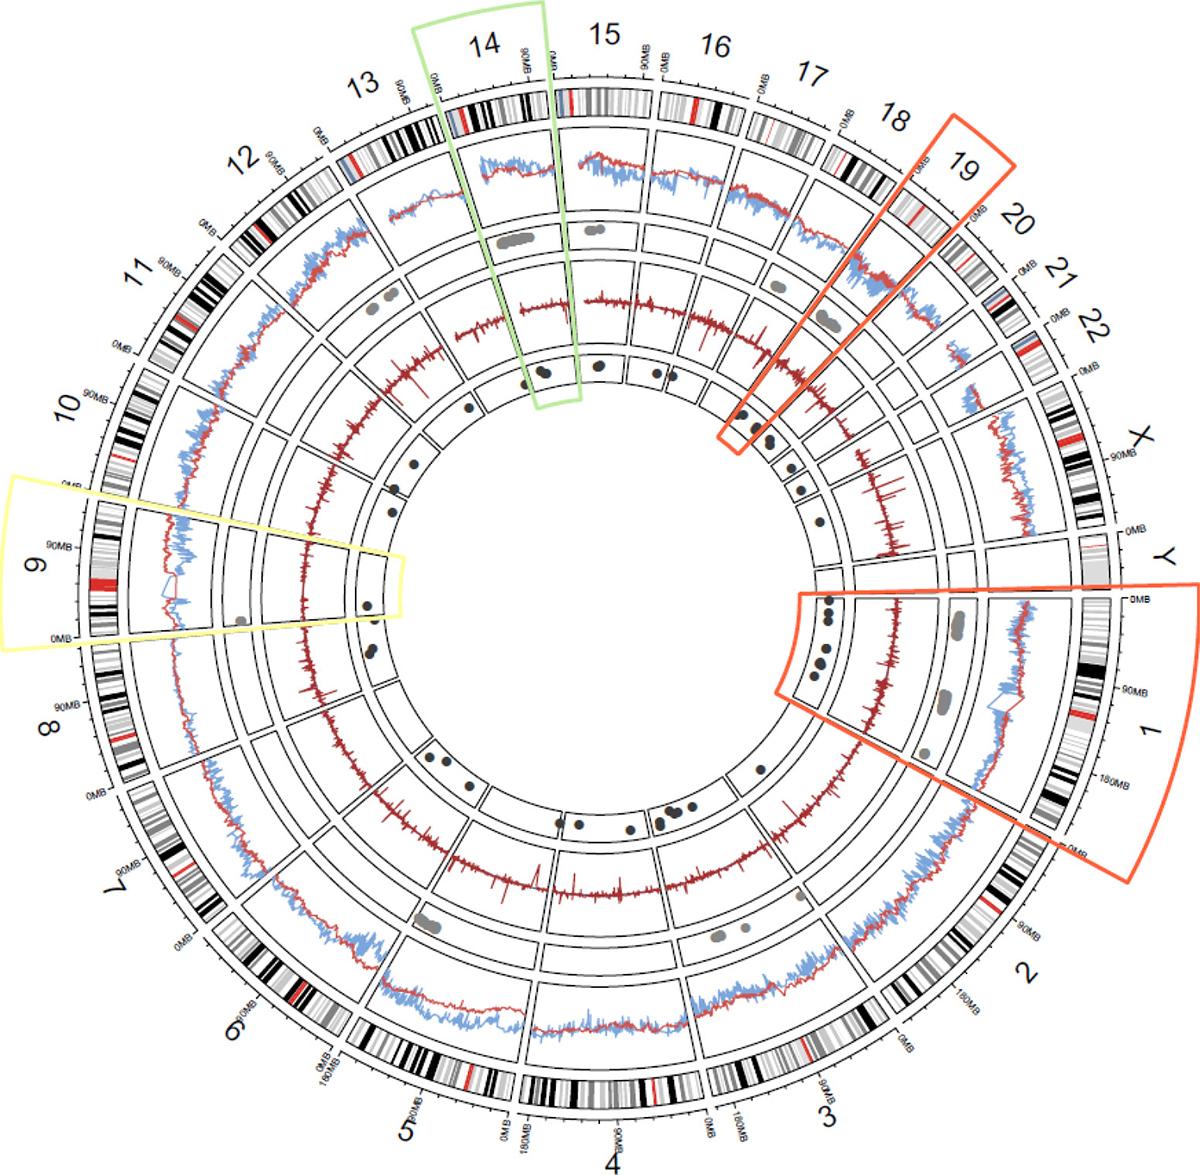 Genome-wide